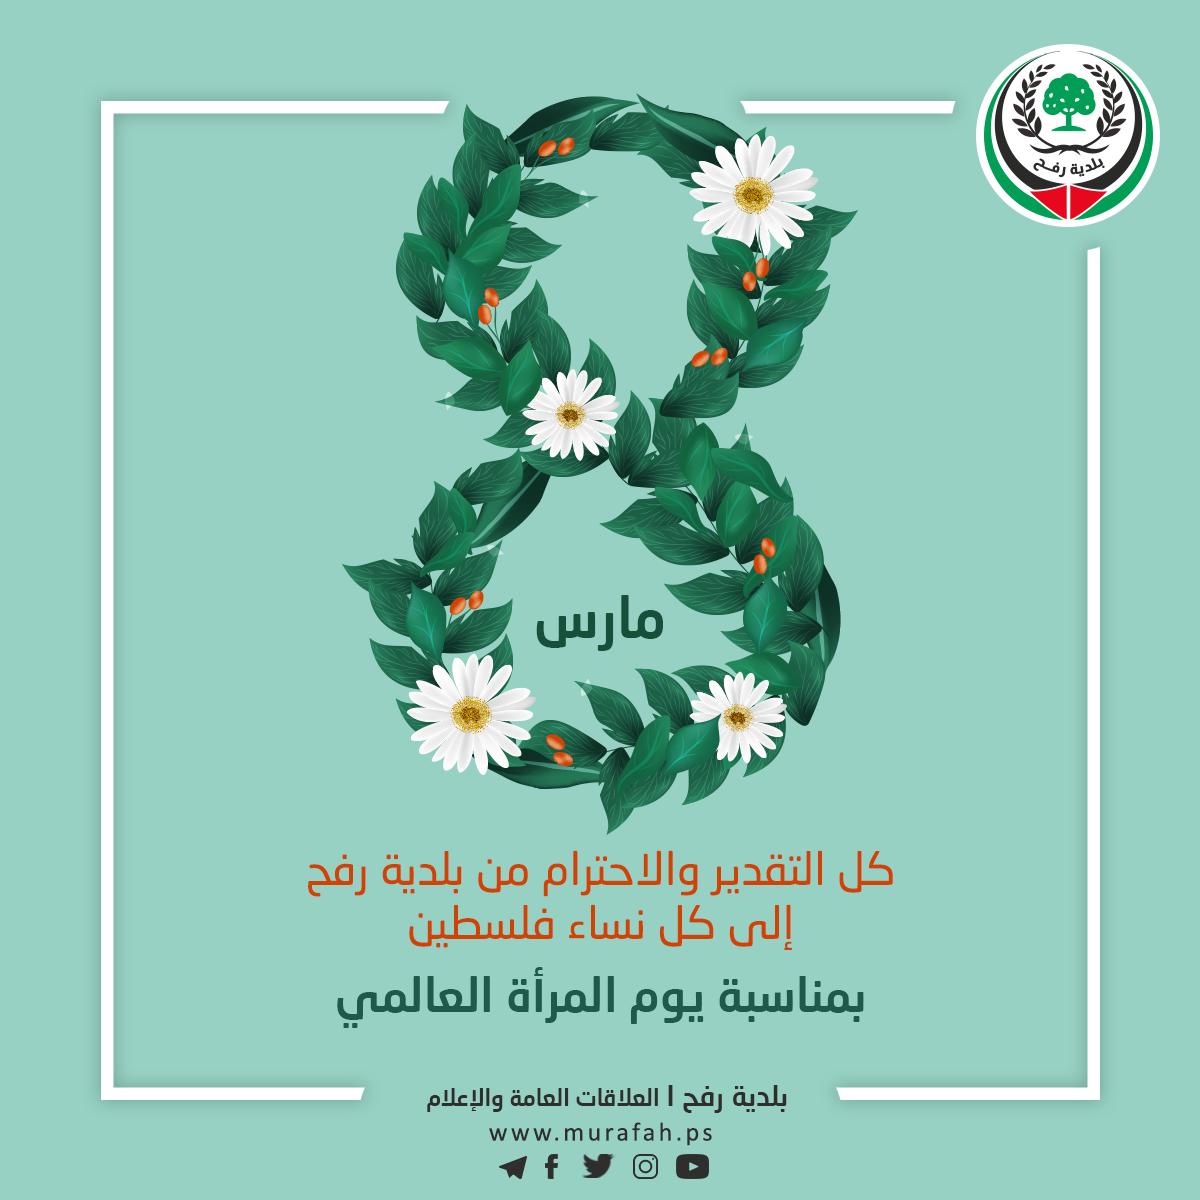 تهنئة للمرأة الفلسطينية بيوم المرأة